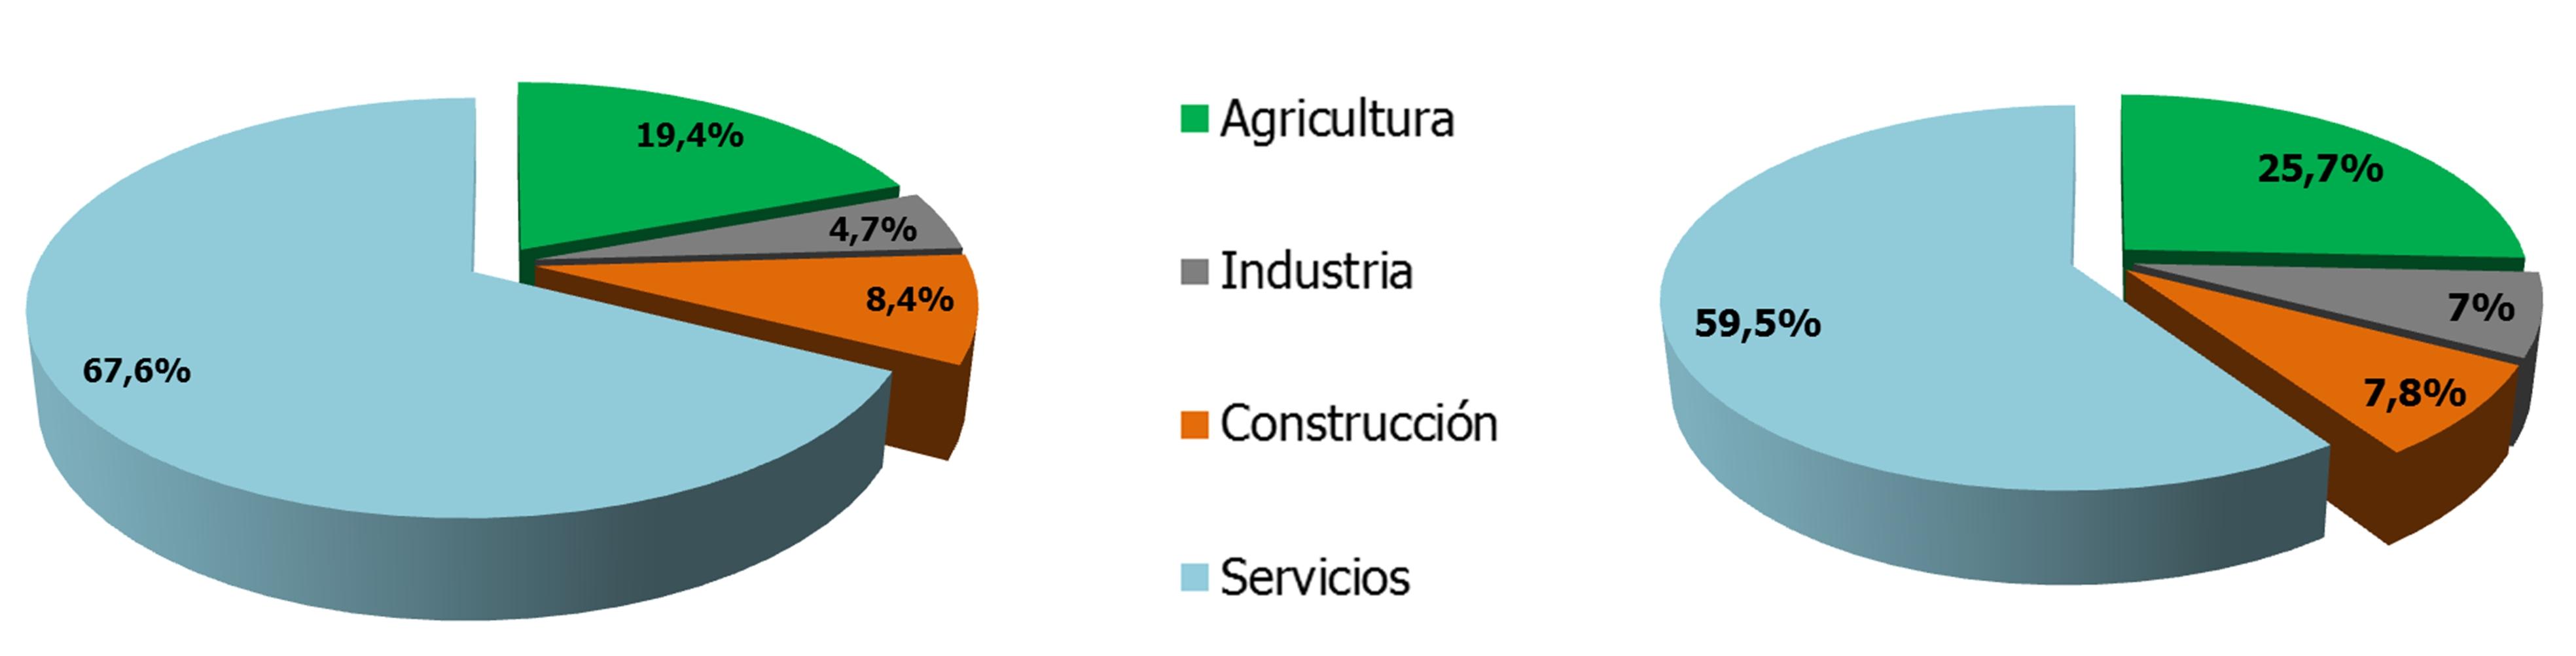 movilidad-interprovincial-por-sectores.jpg